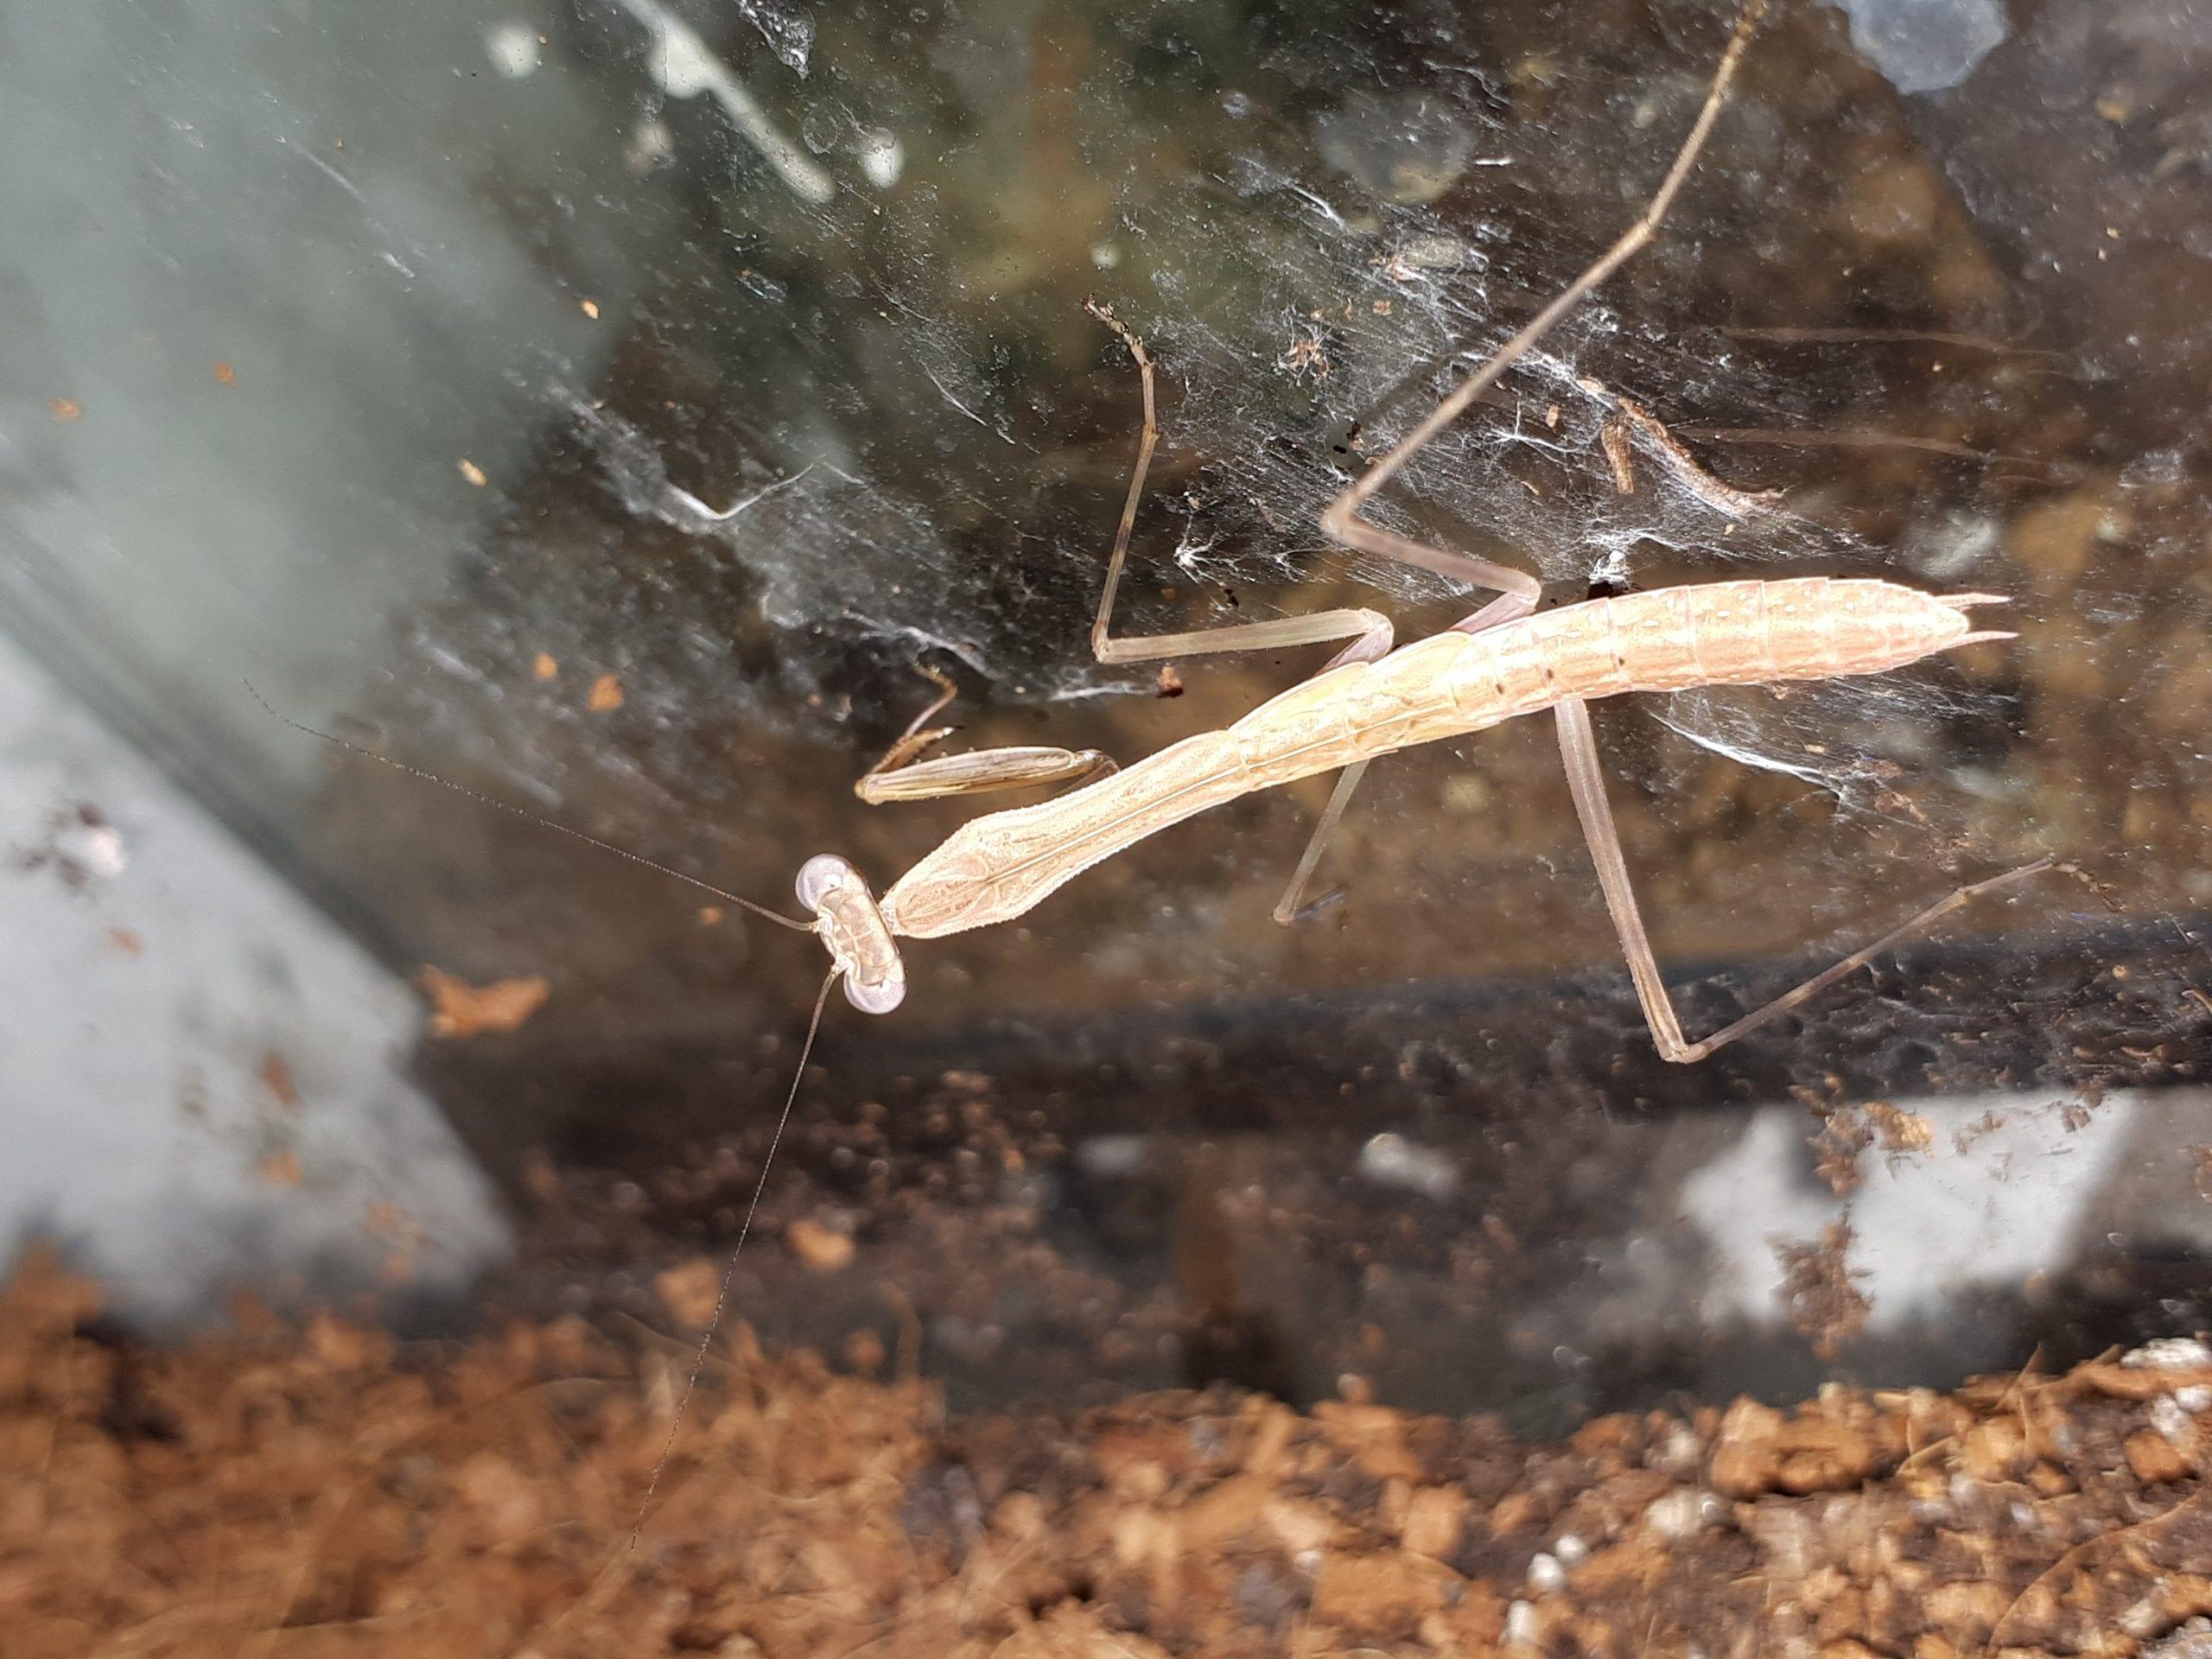 Madagascan Marbled Mantis CB (Polyspilota aeruginosa) Image